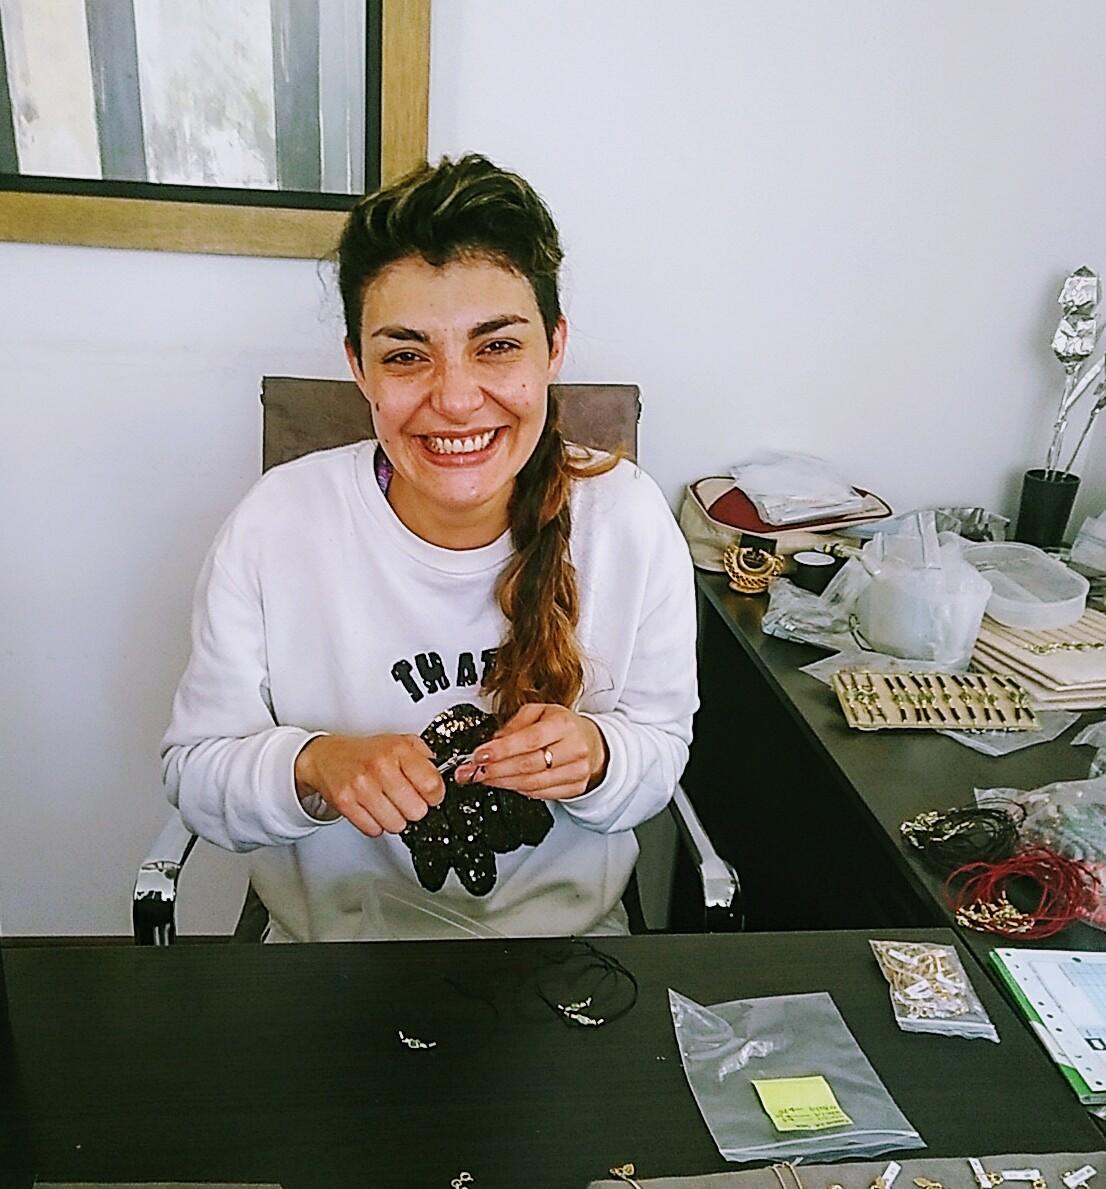 Monica (Emeraude et bijoux pré colombiens)